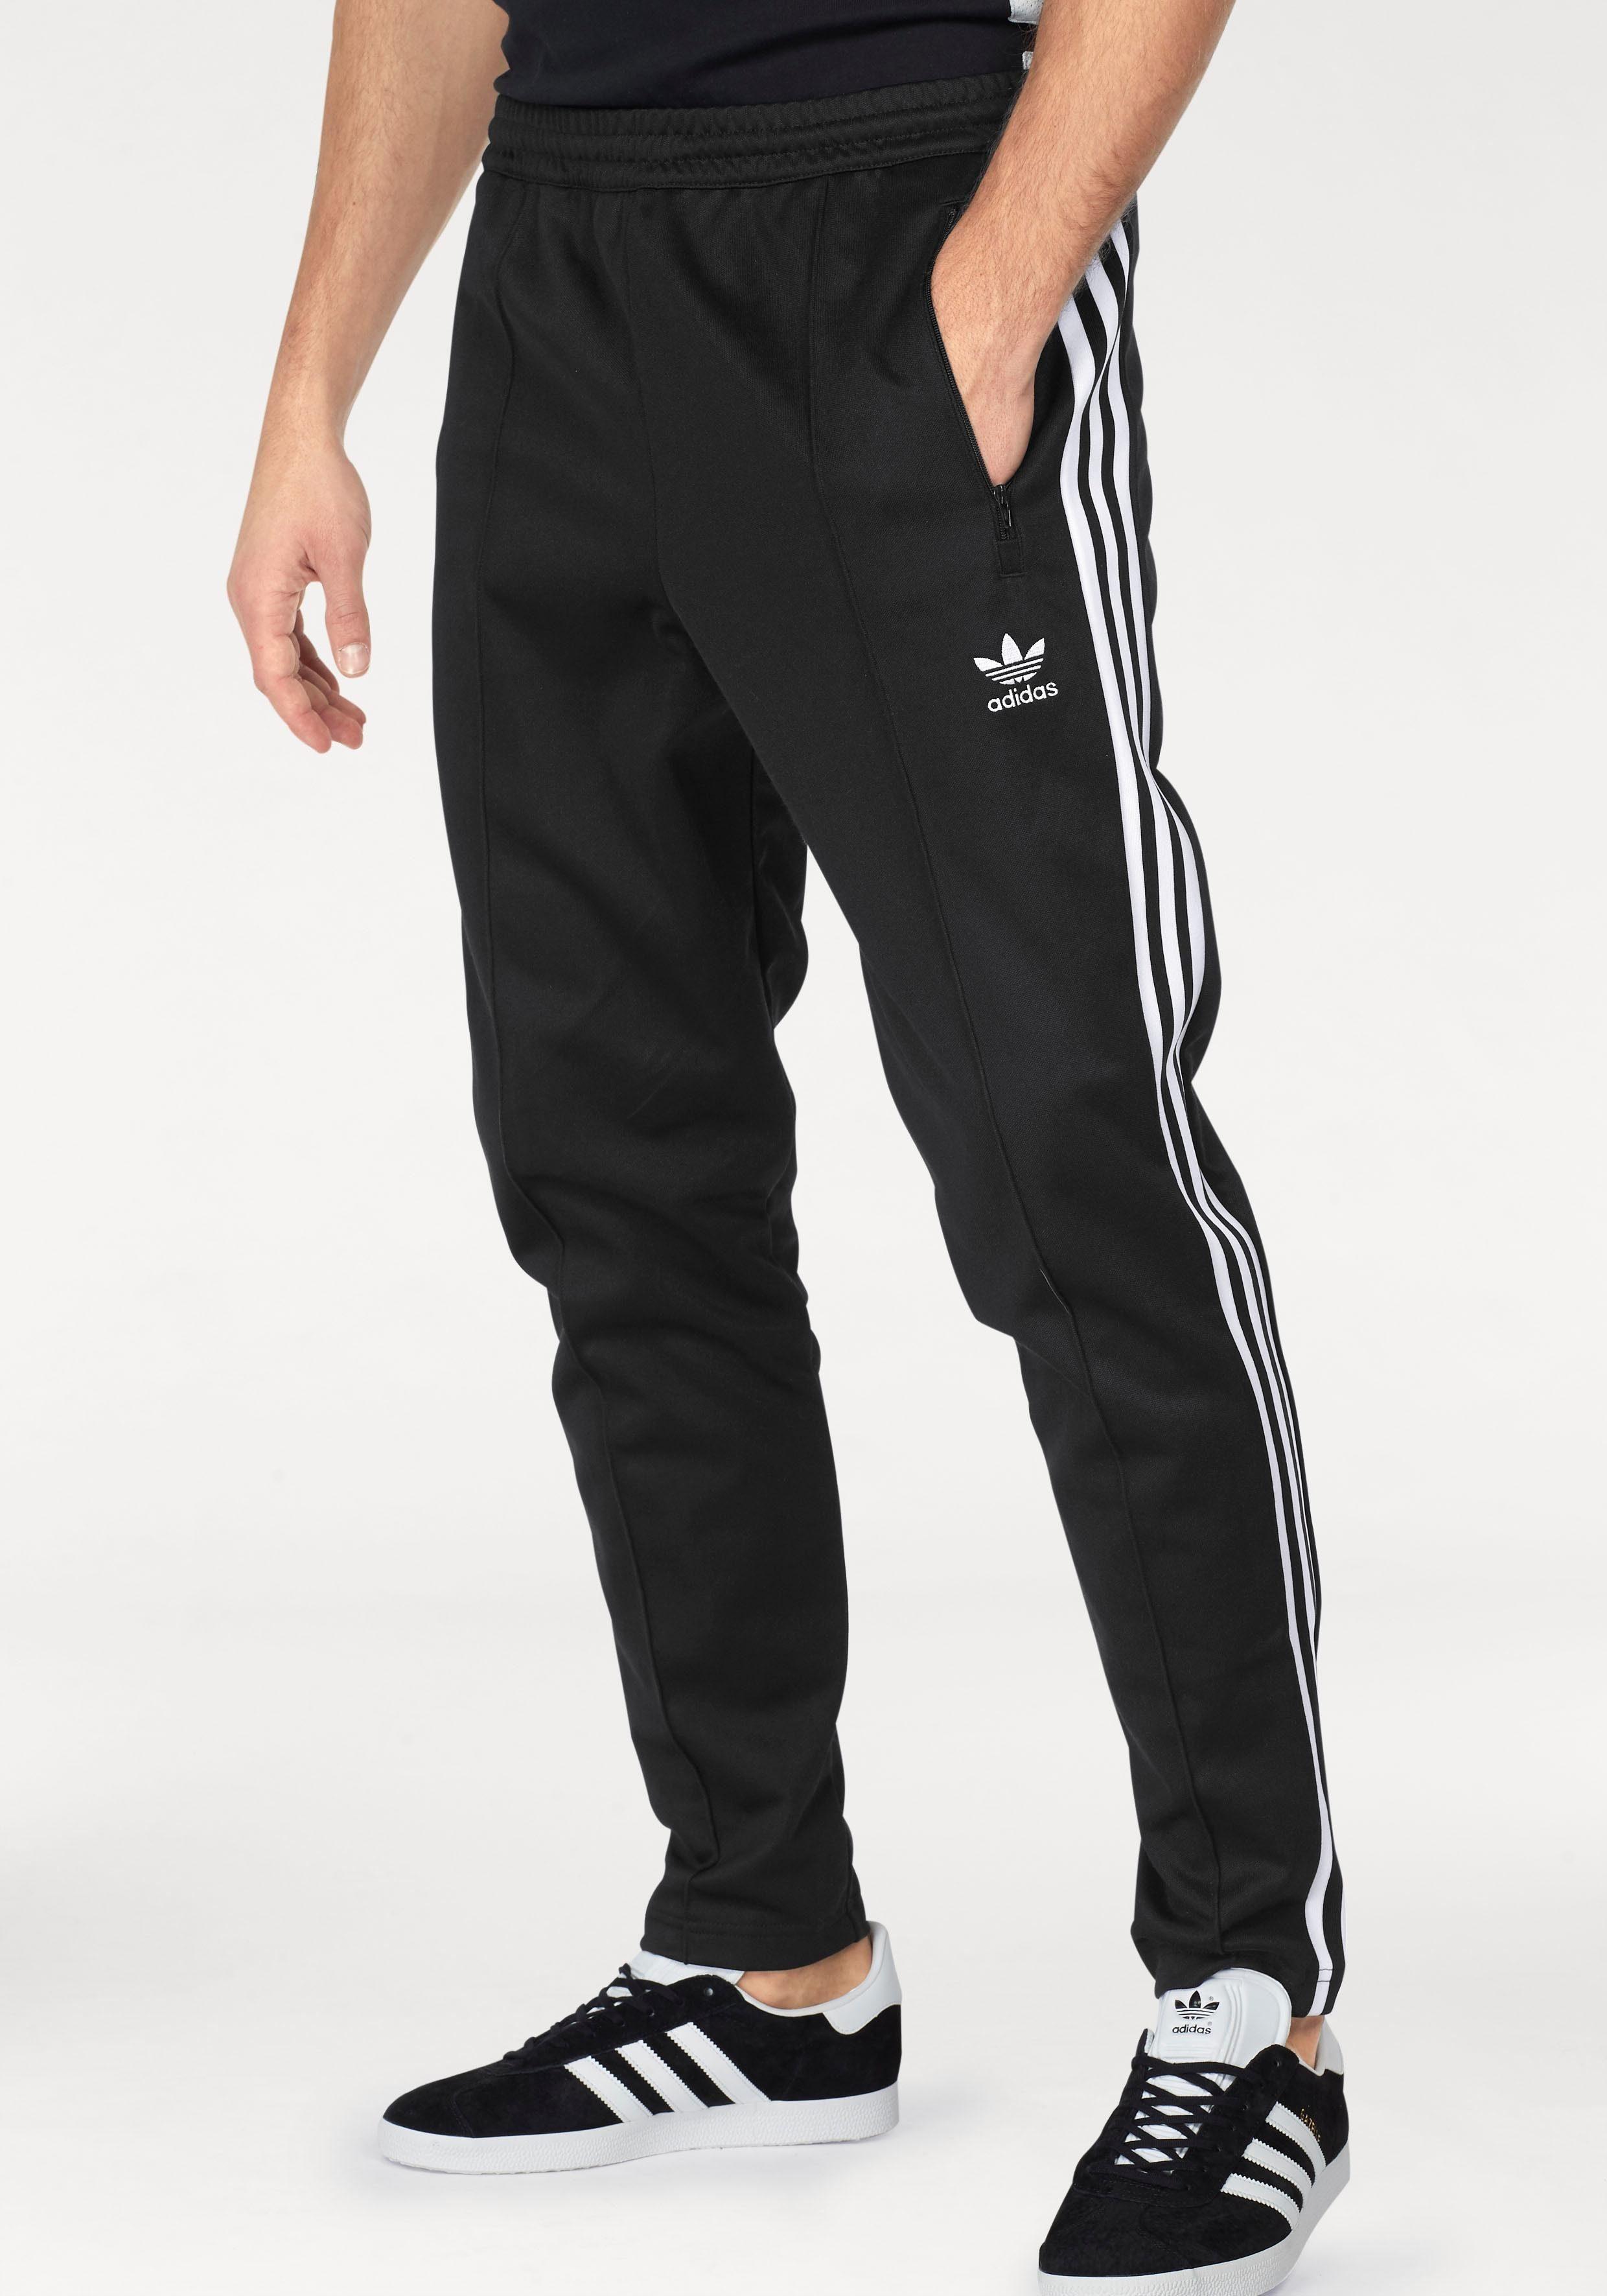 OTTO SALE | Herren adidas Originals Trainingshose »FRANZ BECKENBAUER TRACKPANTS« blau, schwarz | 04059805604629